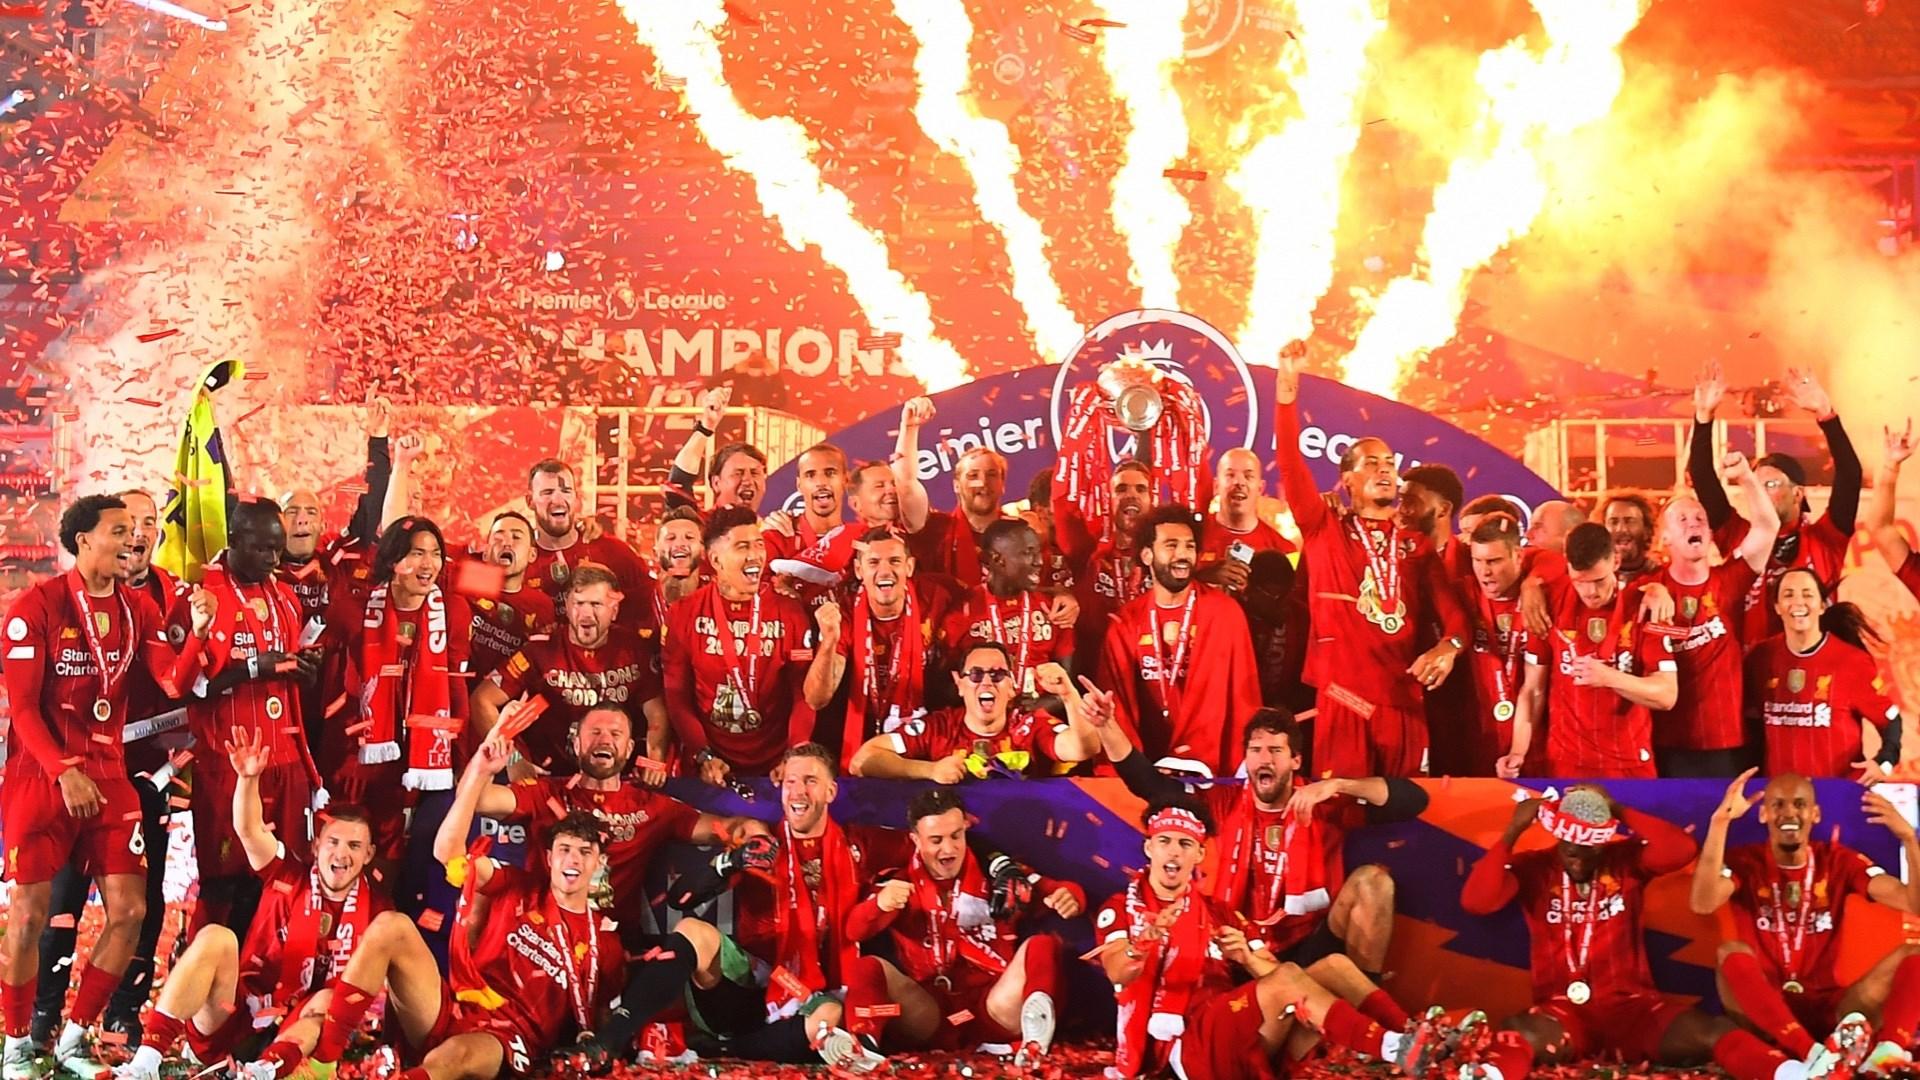 ليفربول في حفل تتويجه بلقب الدوري الإنكليزي الممتاز (أرشيف)